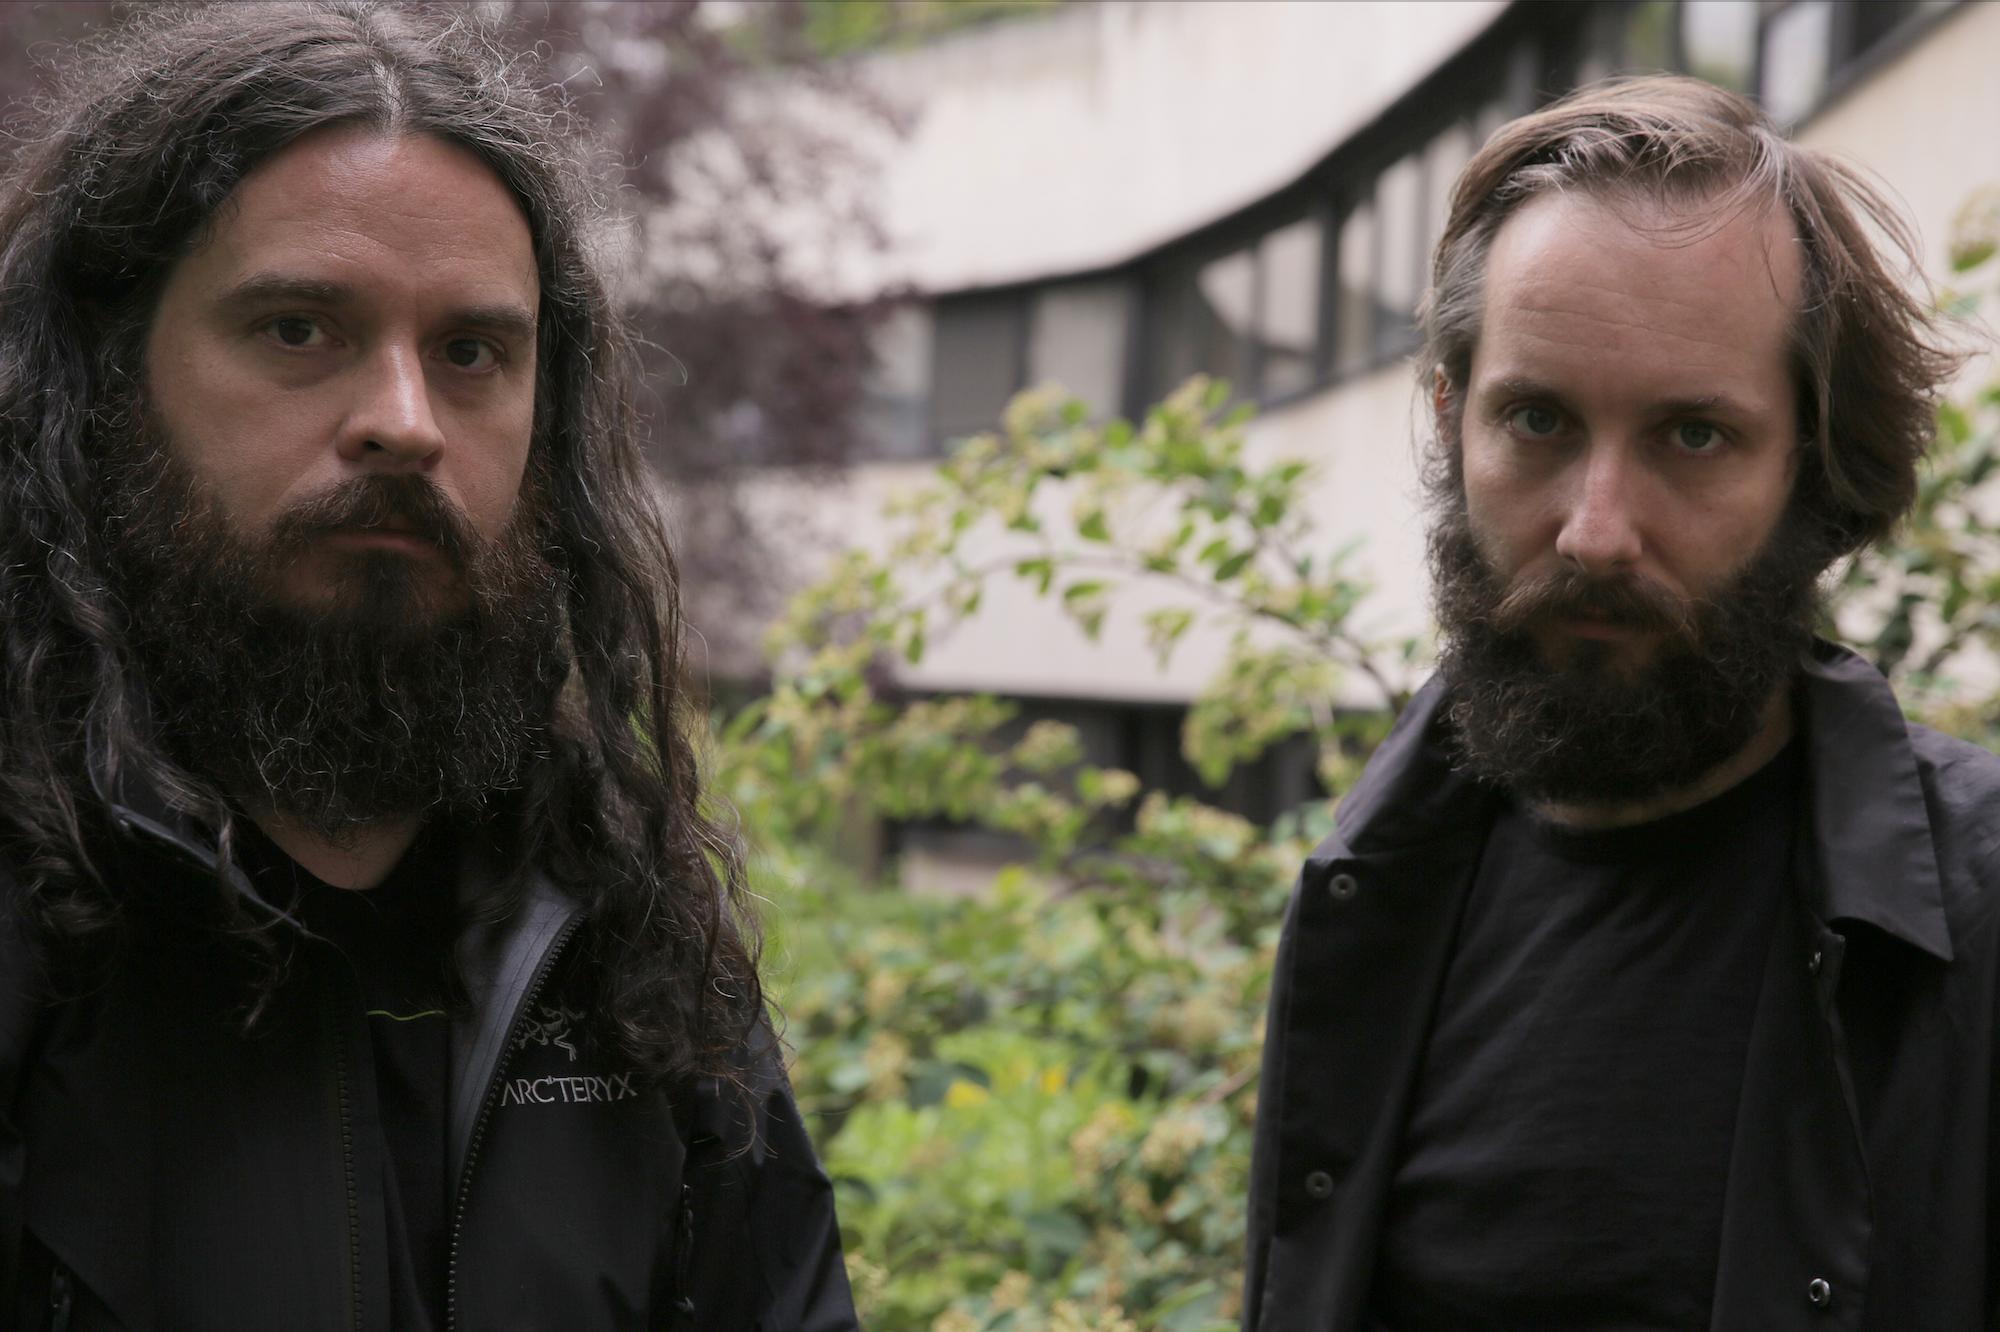 Kassel Jaeger & Stephen O'Malley duo @ Atonal festival / Kraftwerk